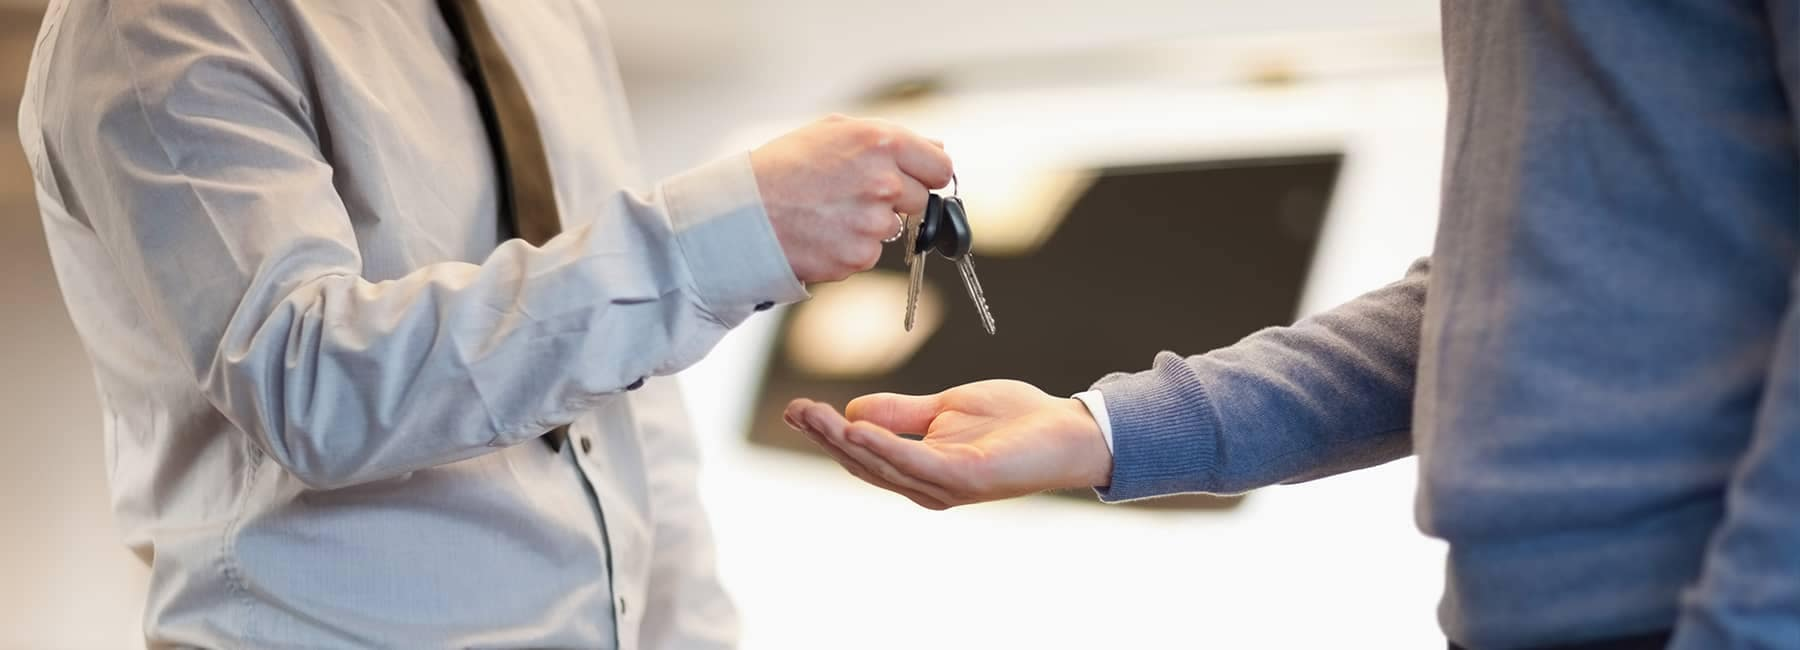 Finance Center Background - handing keys over